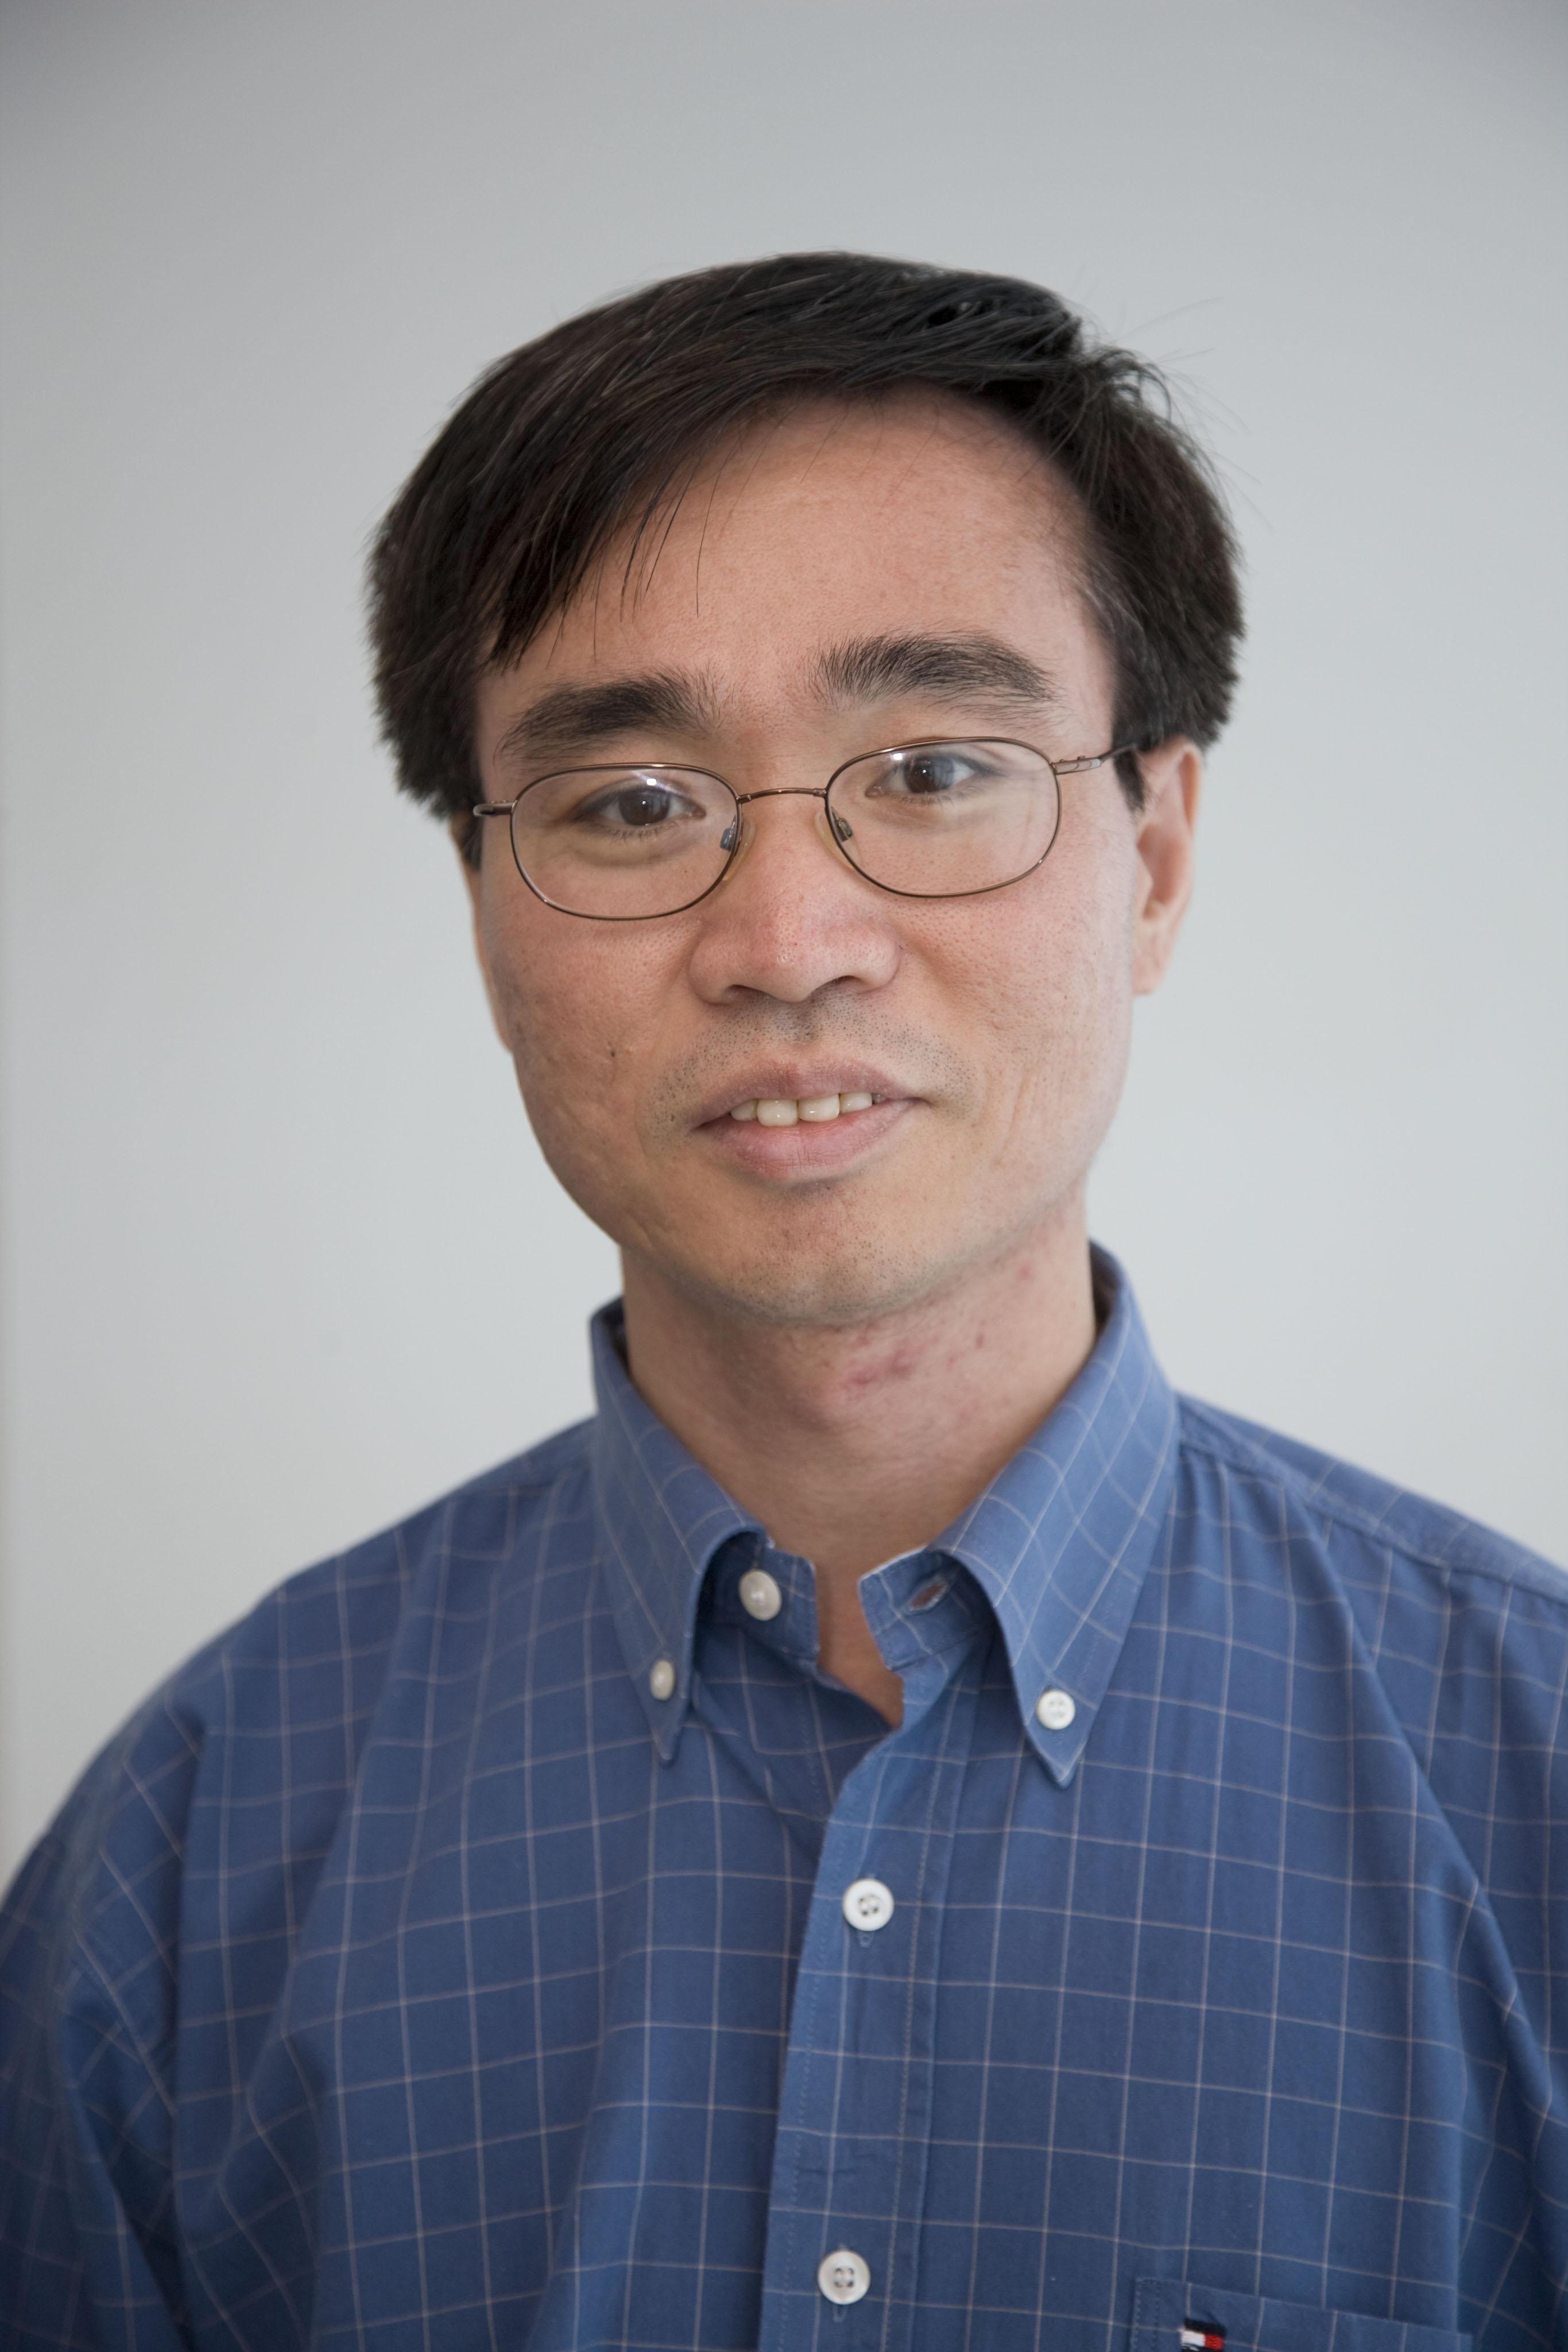 上海諾華(NOVARTIS) 資深研究員副總監谷保華照片